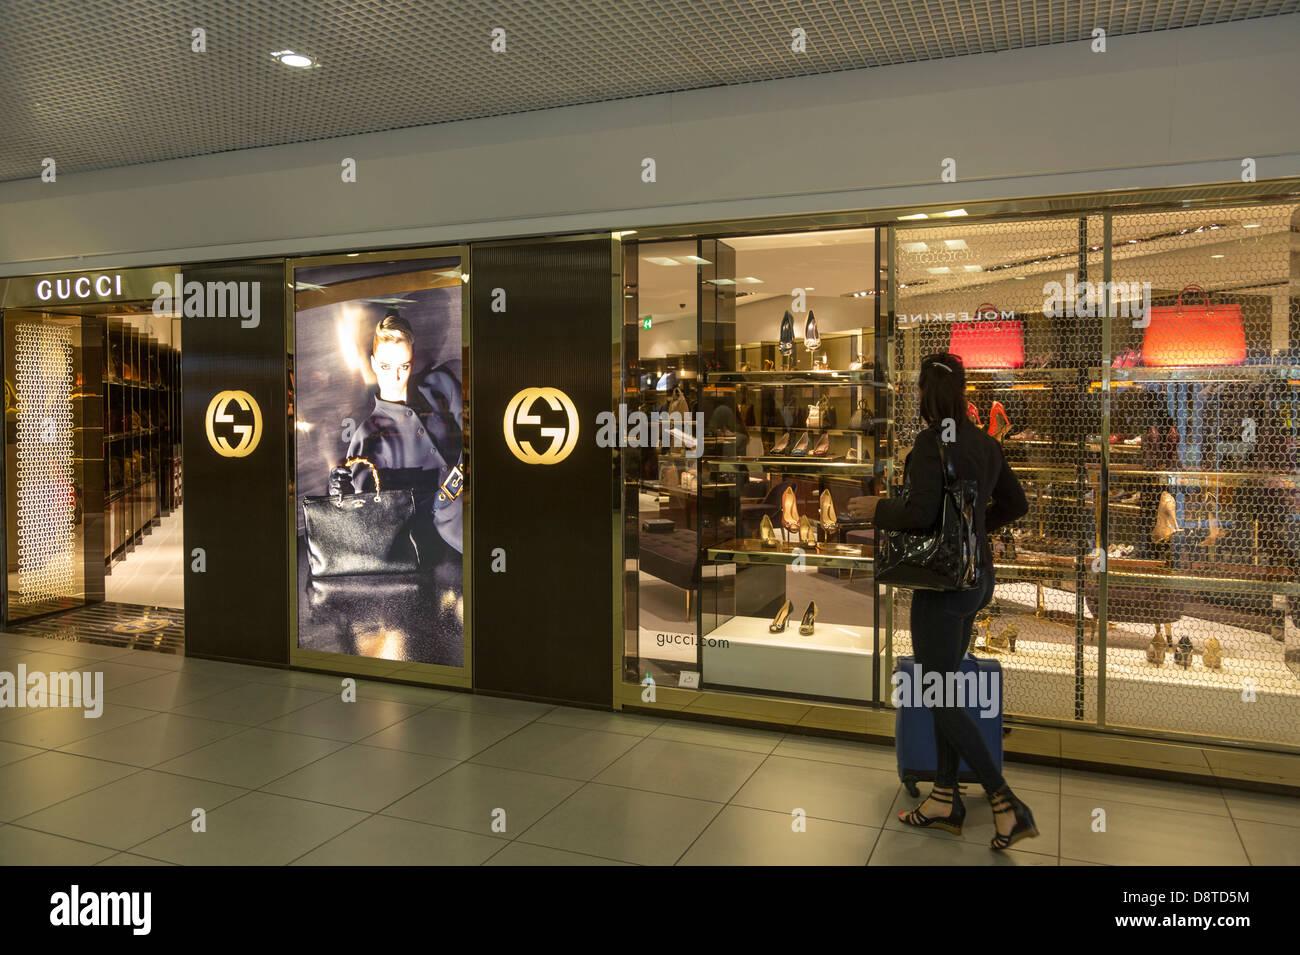 Gucci Shop Fiumicino Flughafen, Rom, Italien Stockfoto, Bild